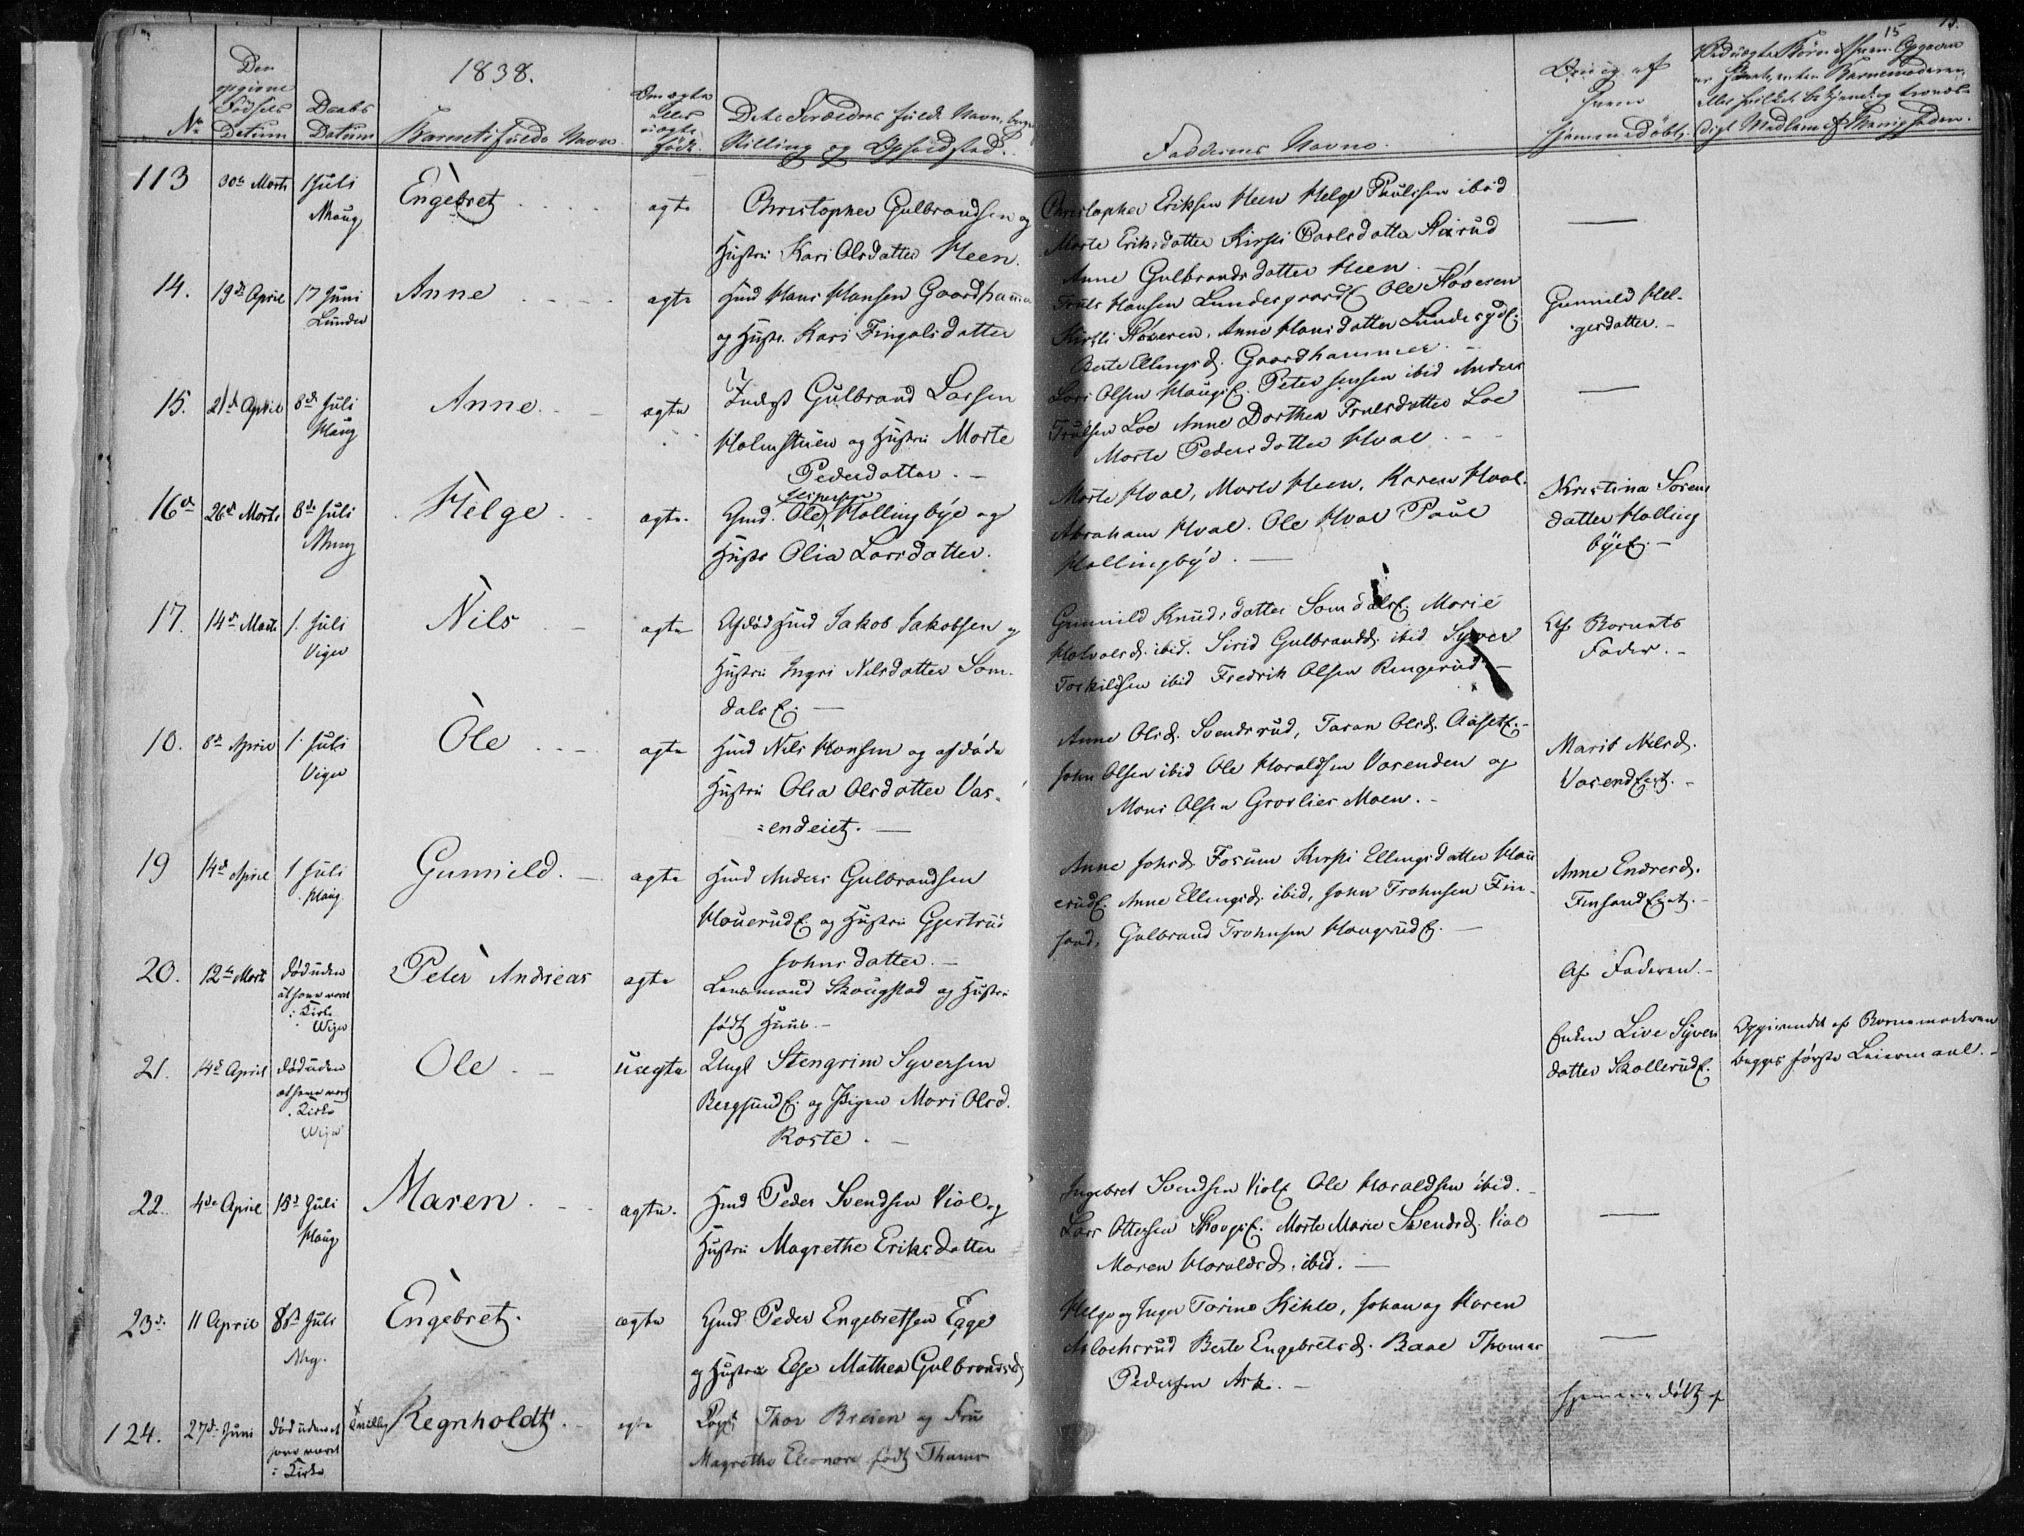 SAKO, Norderhov kirkebøker, F/Fa/L0010: Ministerialbok nr. 10, 1837-1847, s. 15